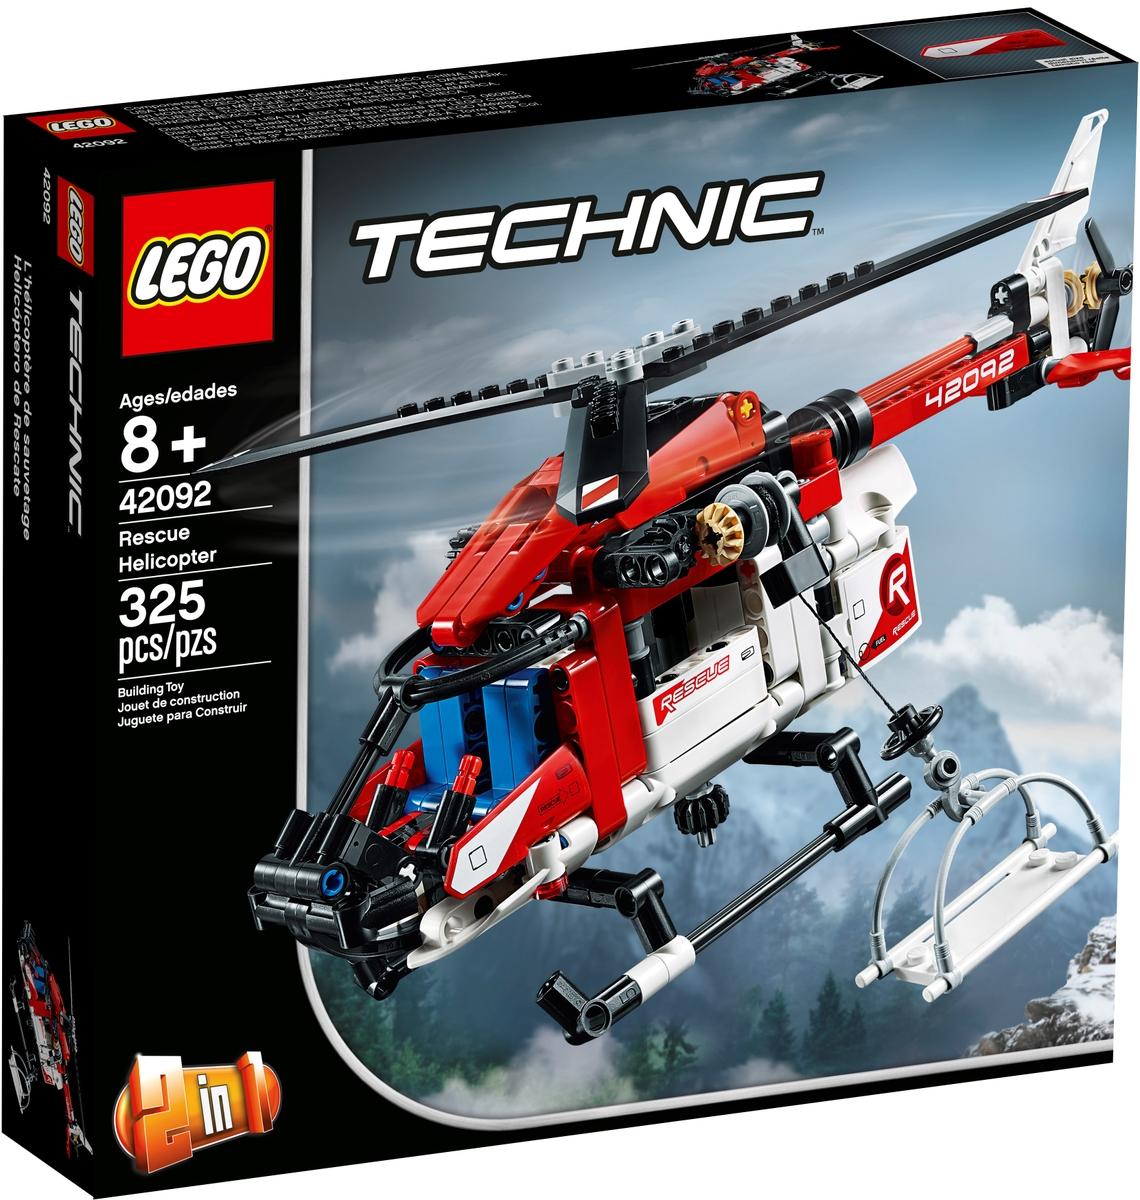 lego 42092 zachranarsky vrtulnik